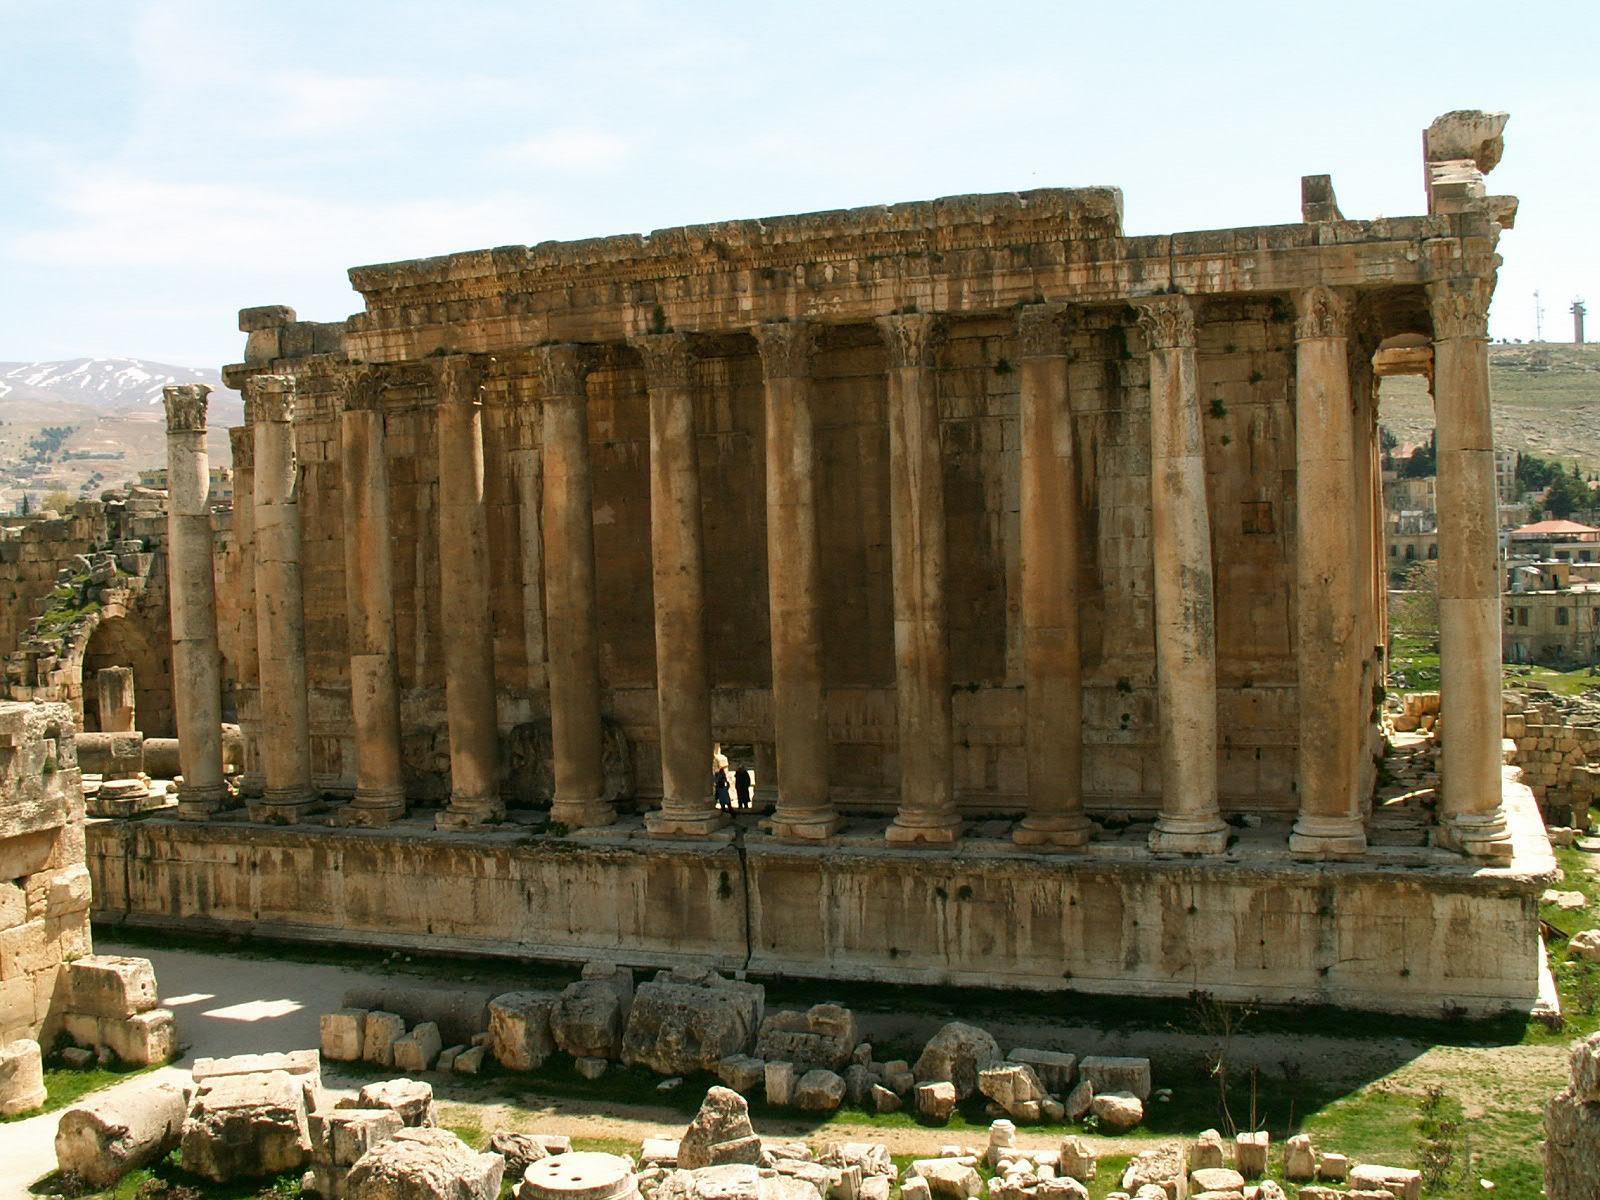 Temple of Jupiter at Baalbek